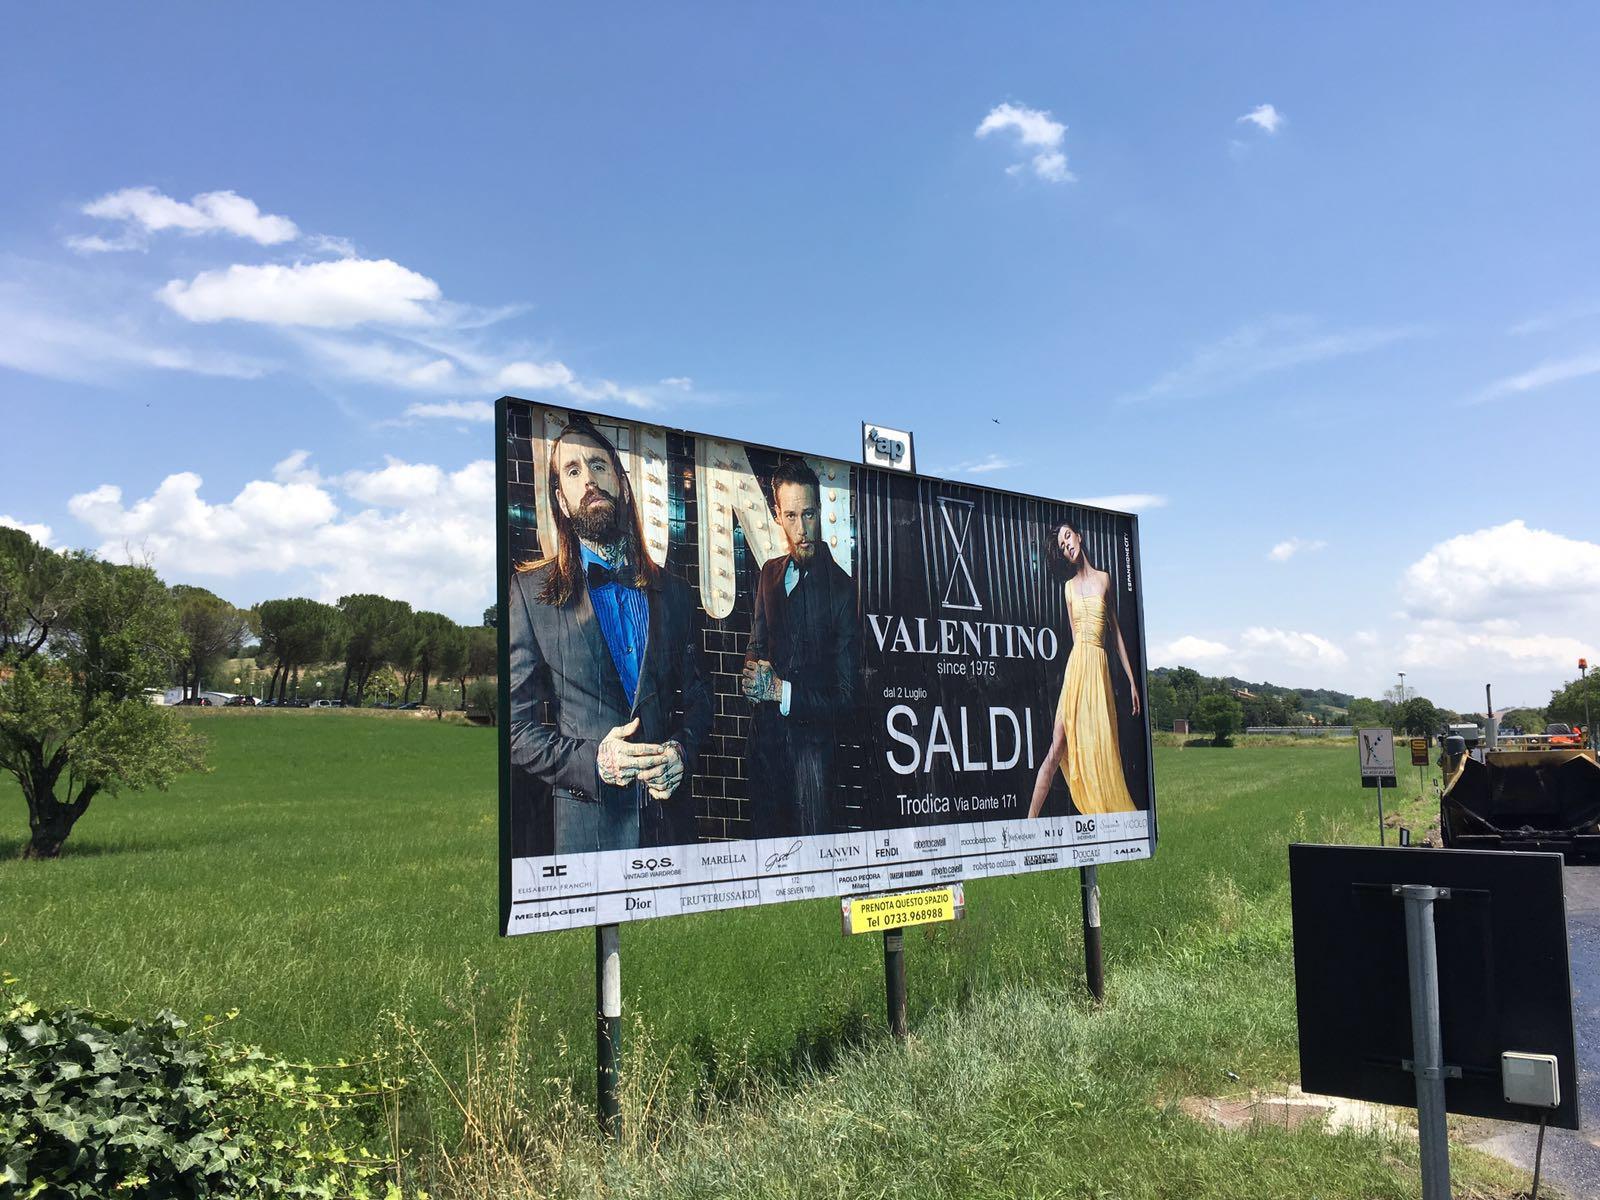 saldi_marche